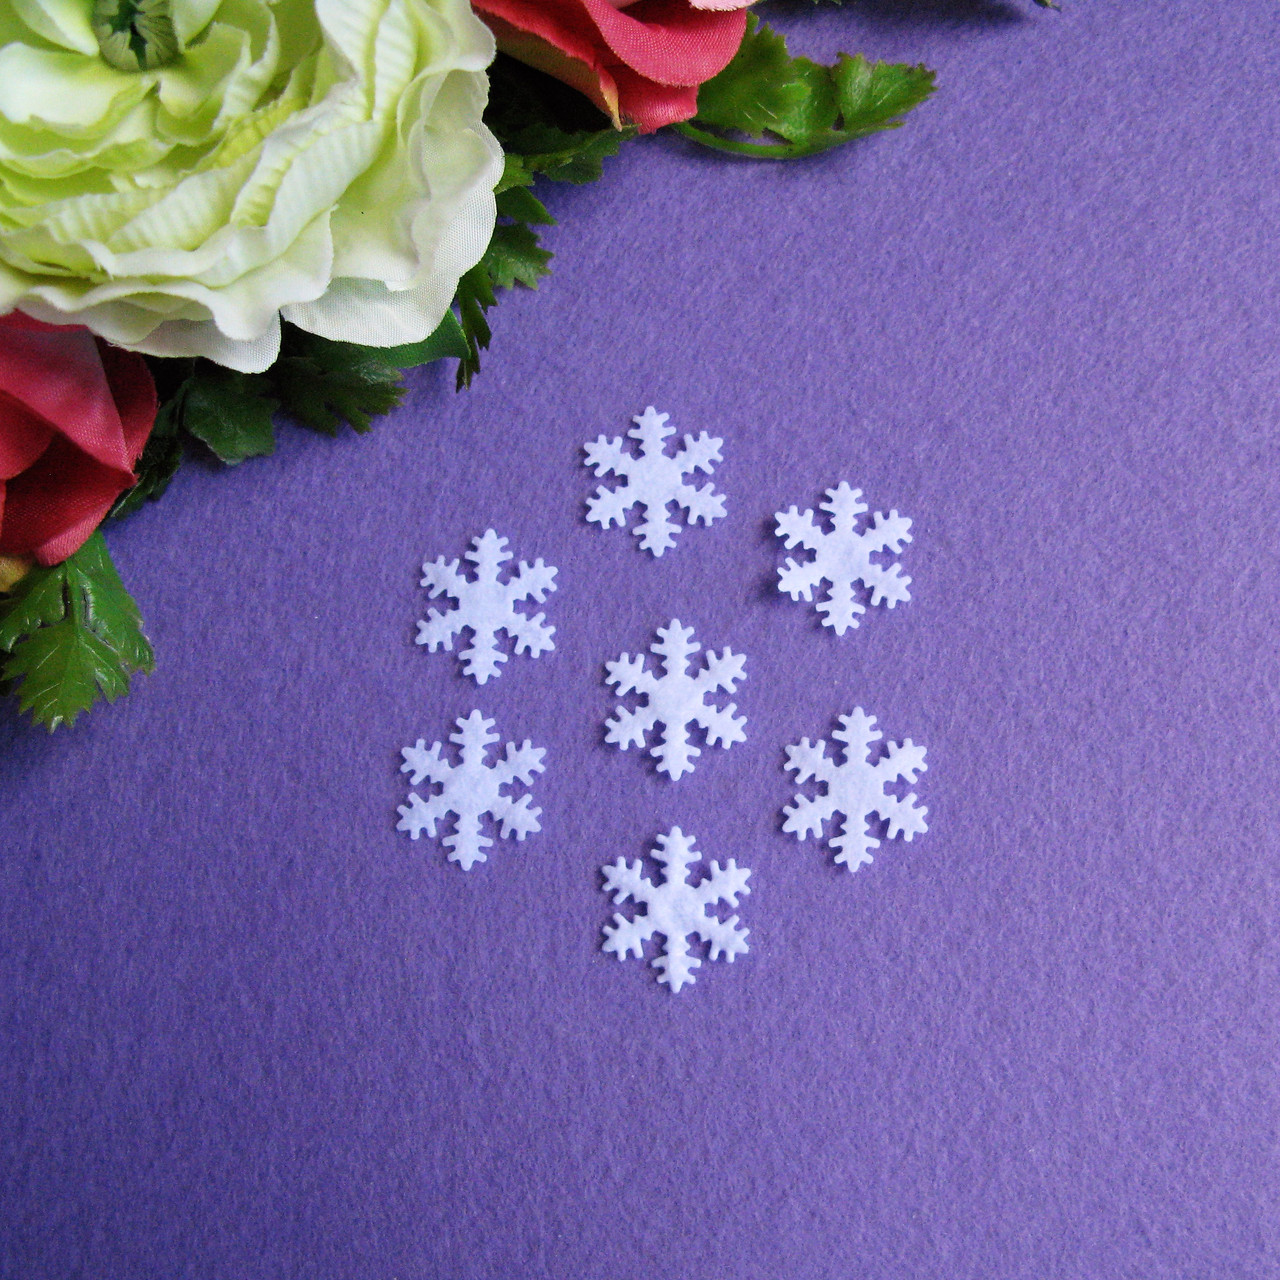 Снежинки из фетра 2 см в диаметре 30 шт - 14 грн